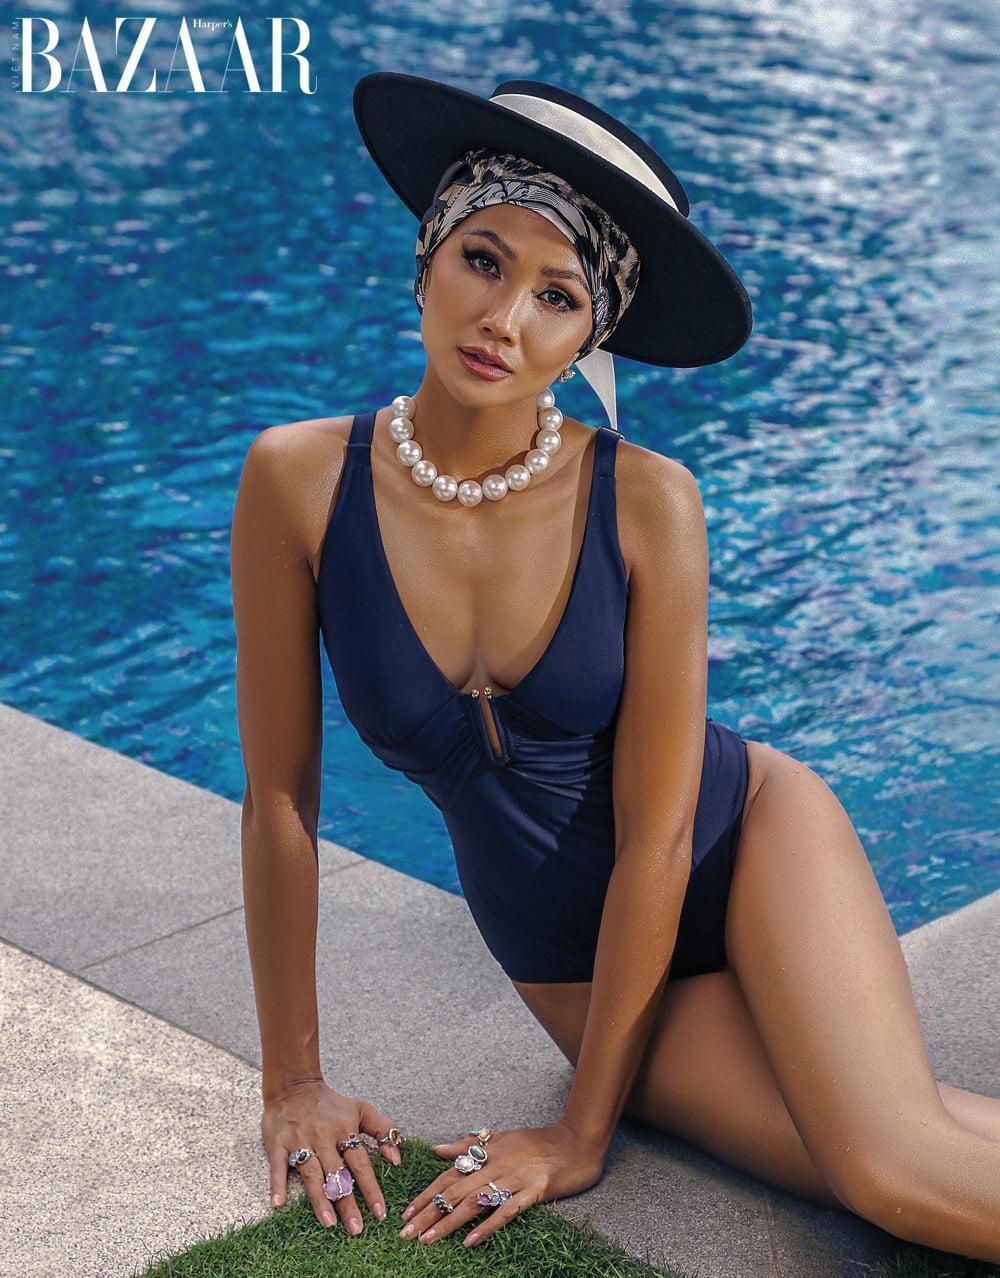 Hoa hậu H'Hen Niê mặc đồ bơi đẹp như siêu mẫu quốc tế trên bìa tạp chí thời trang đình đám ảnh 5